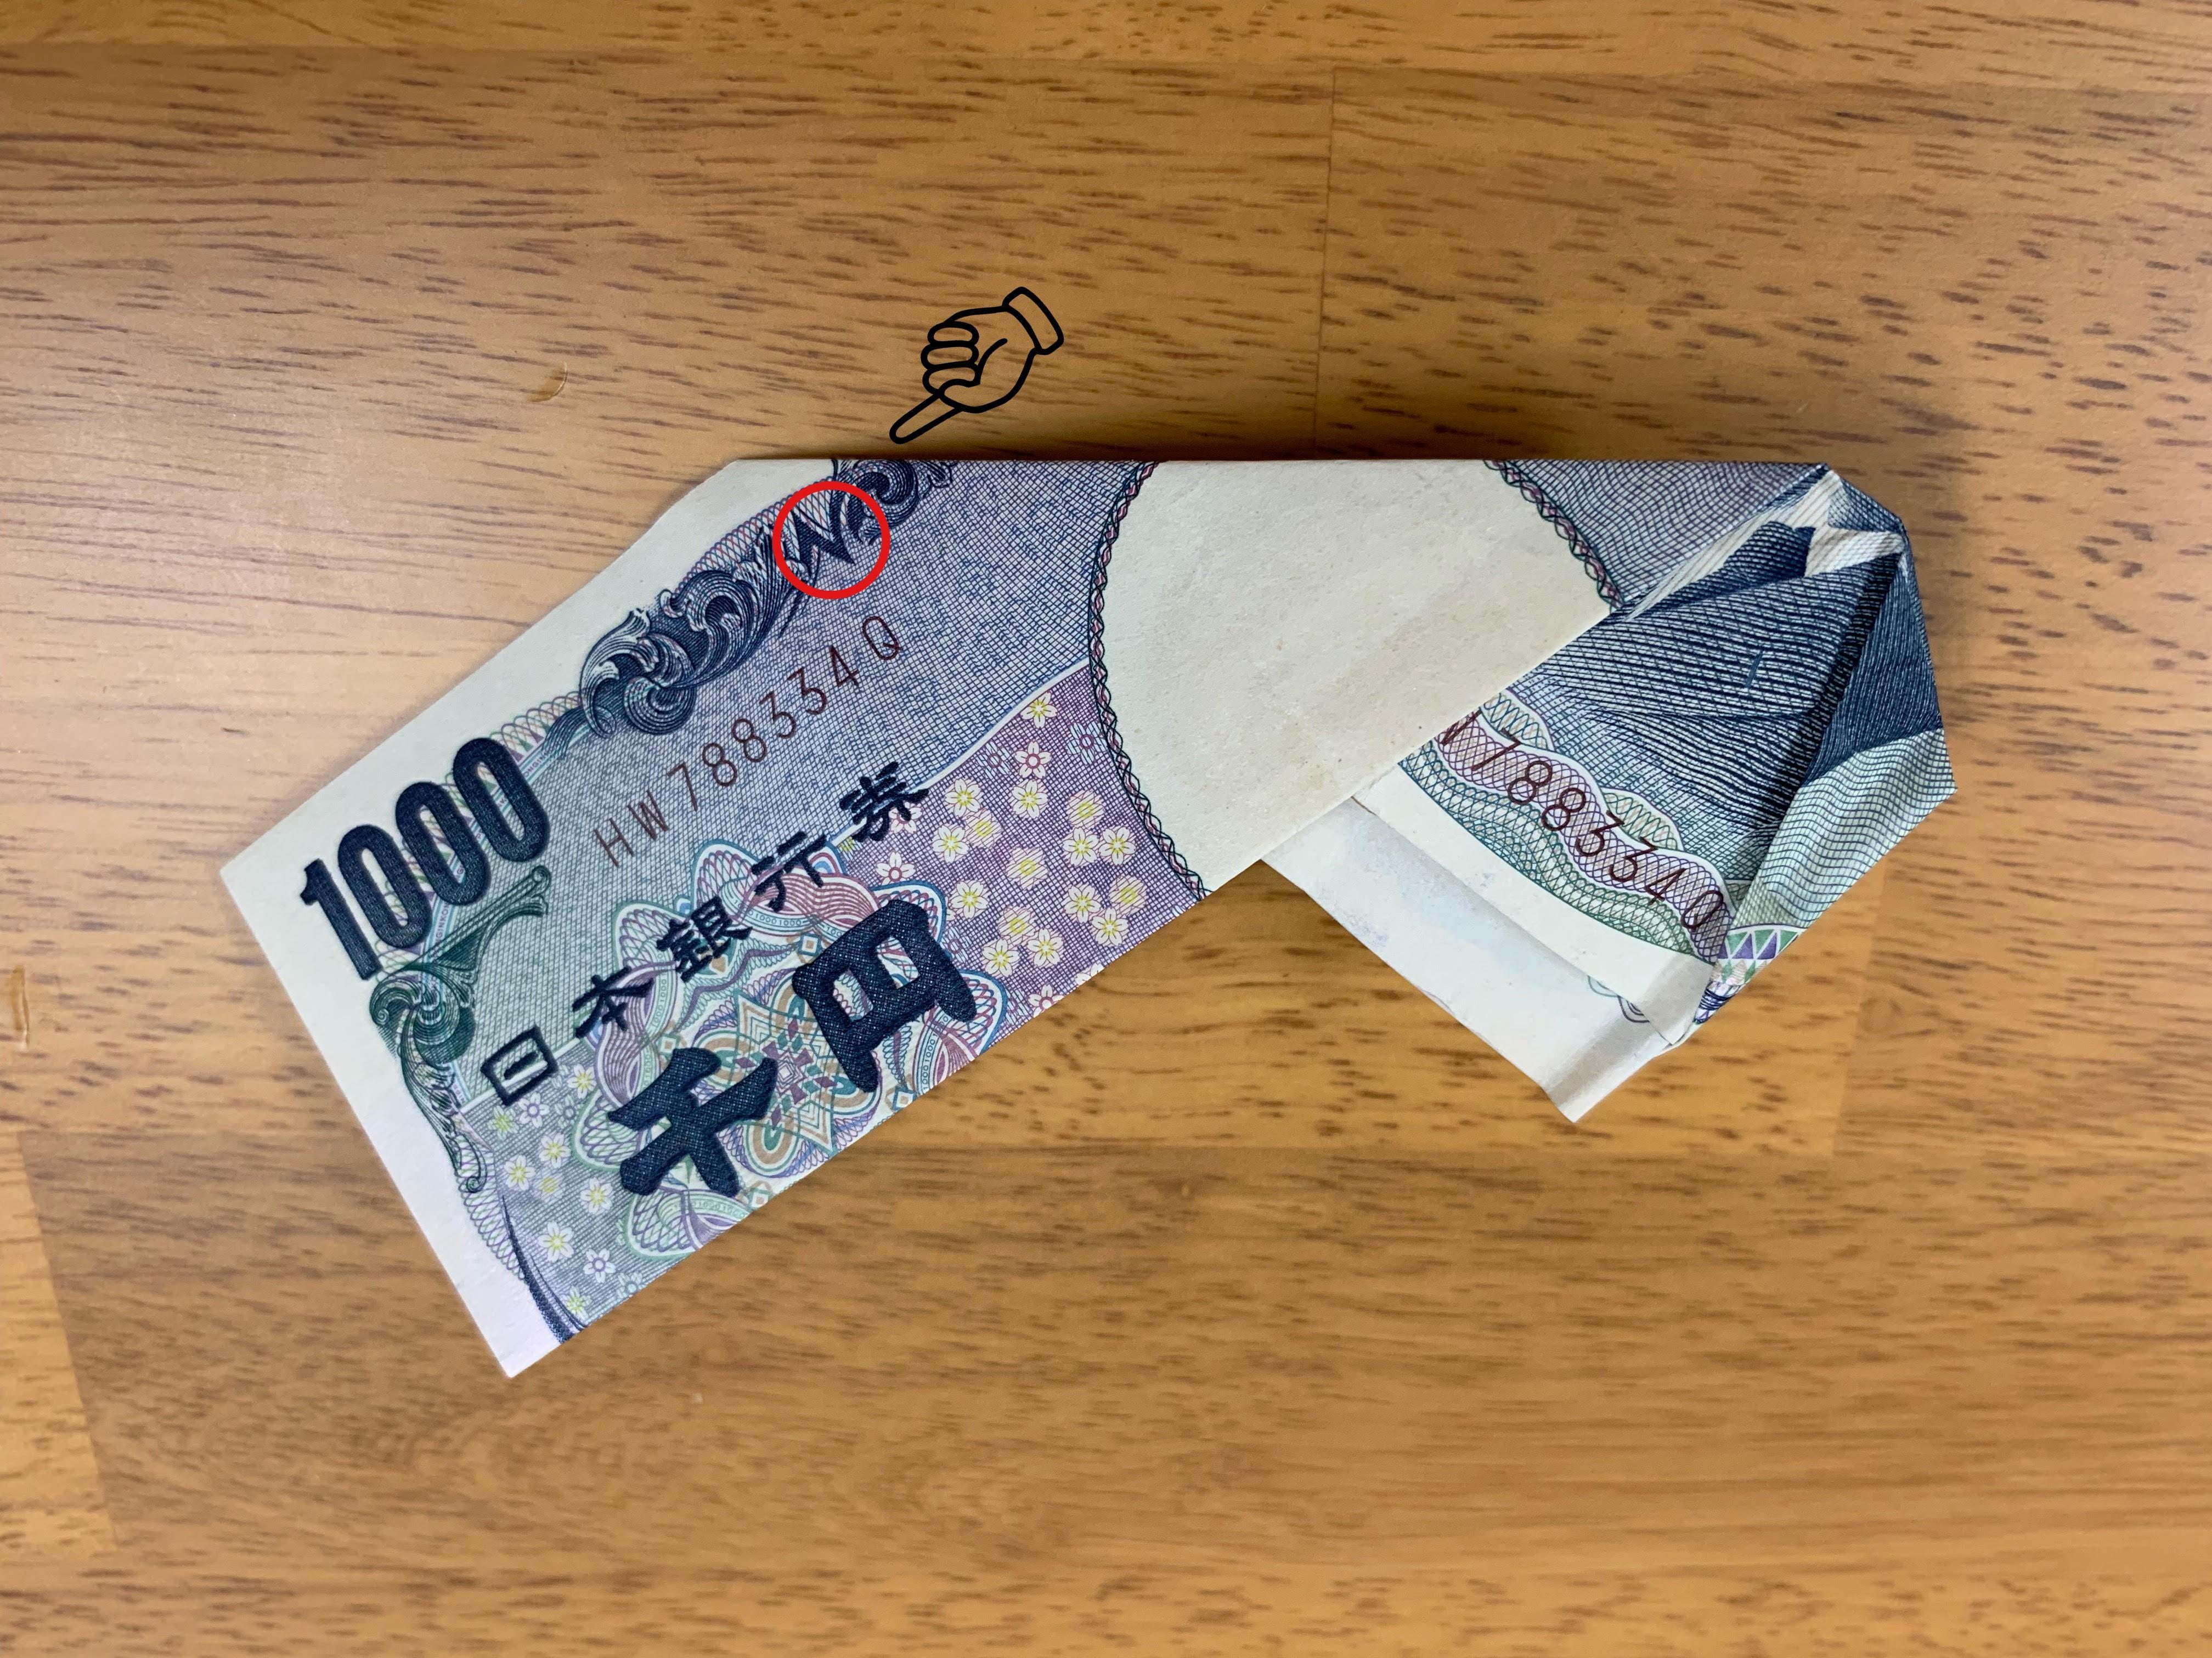 ターバン野口 お札 千円札のおもしろい折り方の画像8